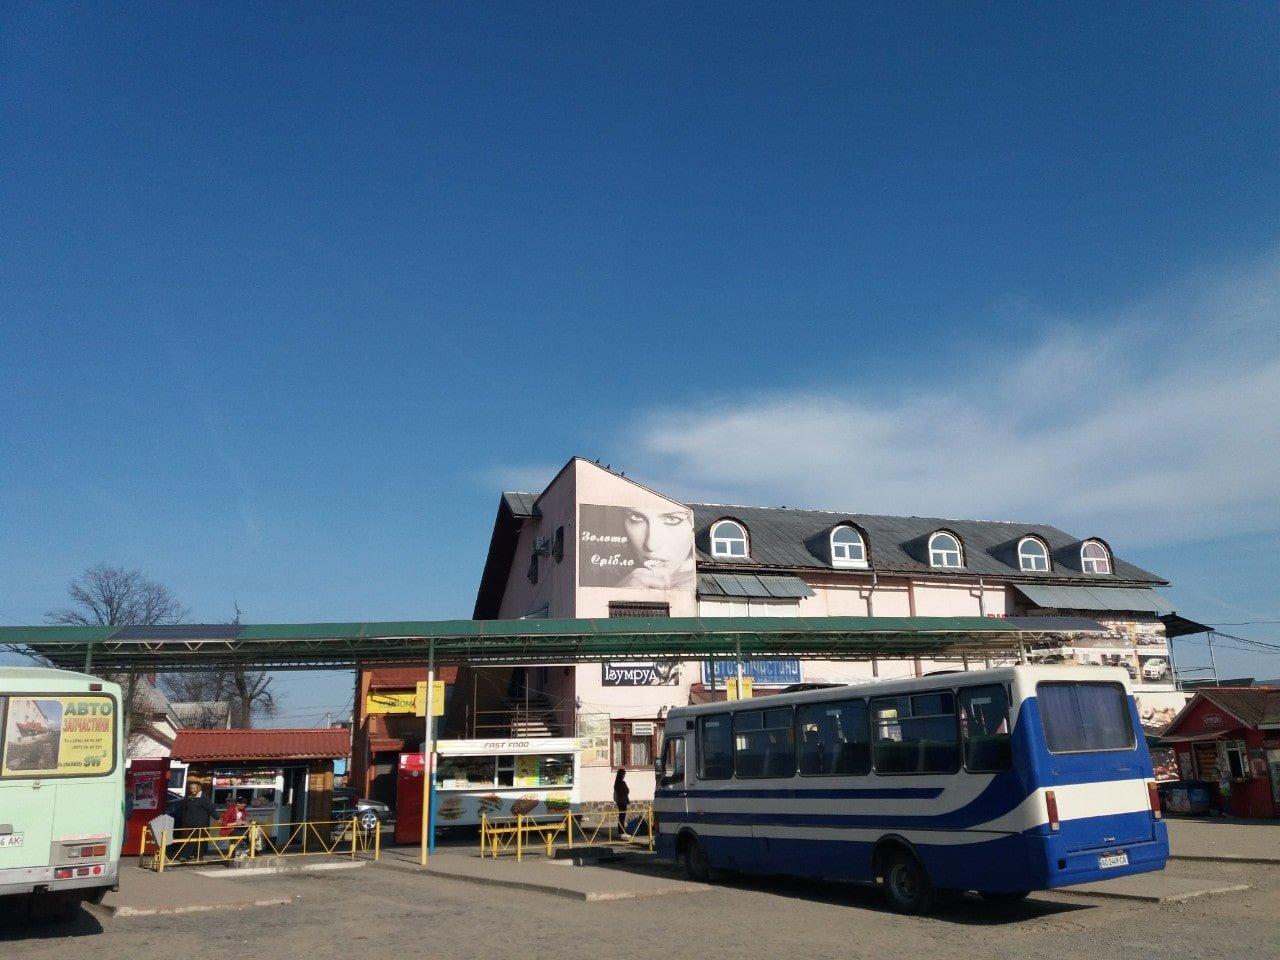 Закарпатські автостанції долучились до загальнообласного прибирання та облагородили усі свої території (ФОТО), фото-1